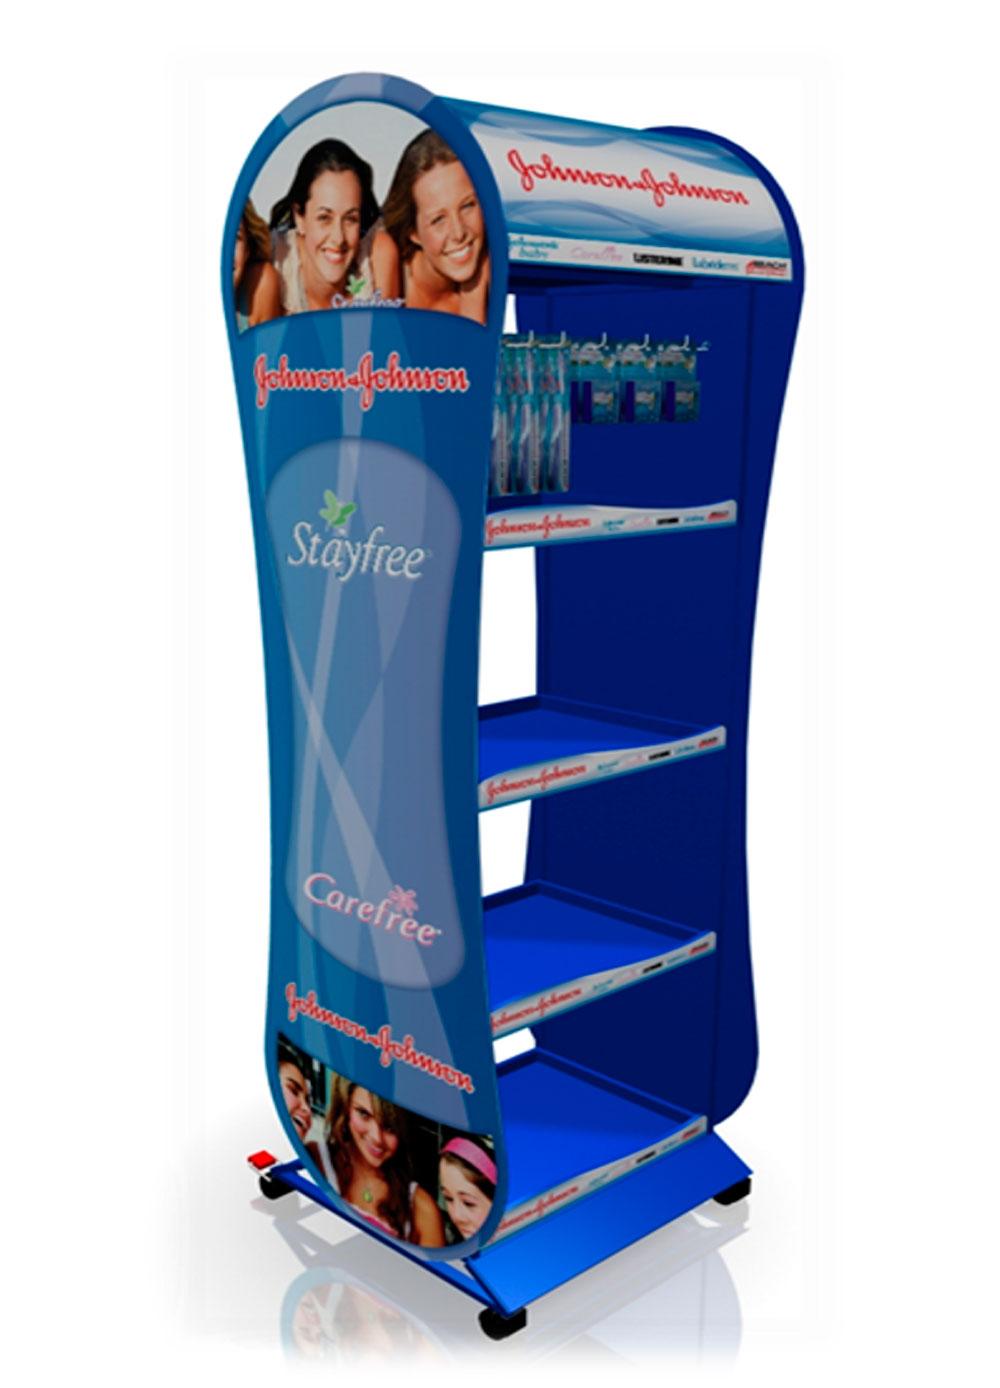 Mueble multimarca con gran capacidad de carga con sistemas de cambio de publicidad